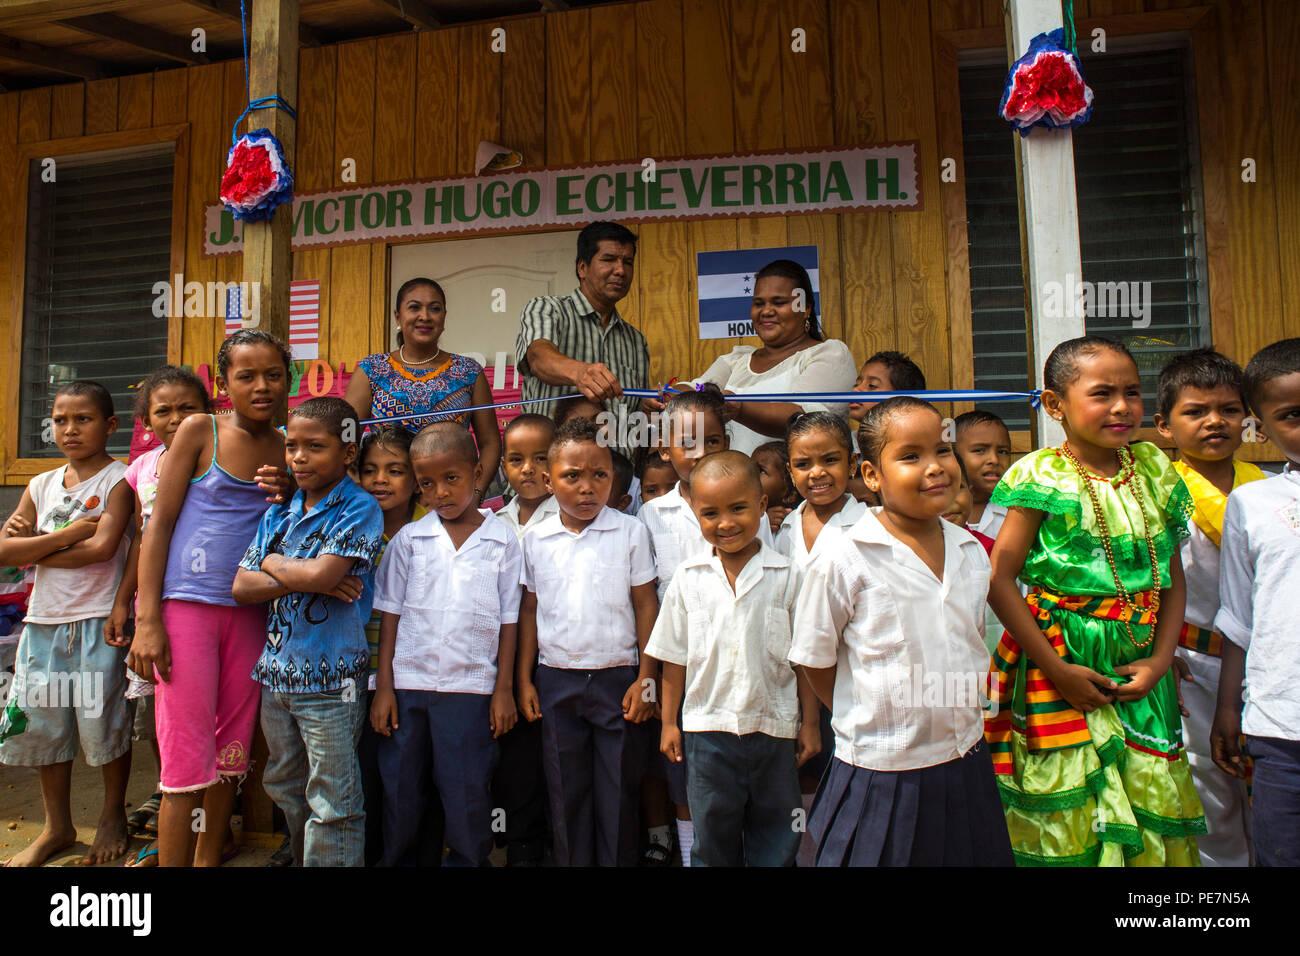 Los niños de la escuela primaria Víctor Hugo Echeverría posar ...